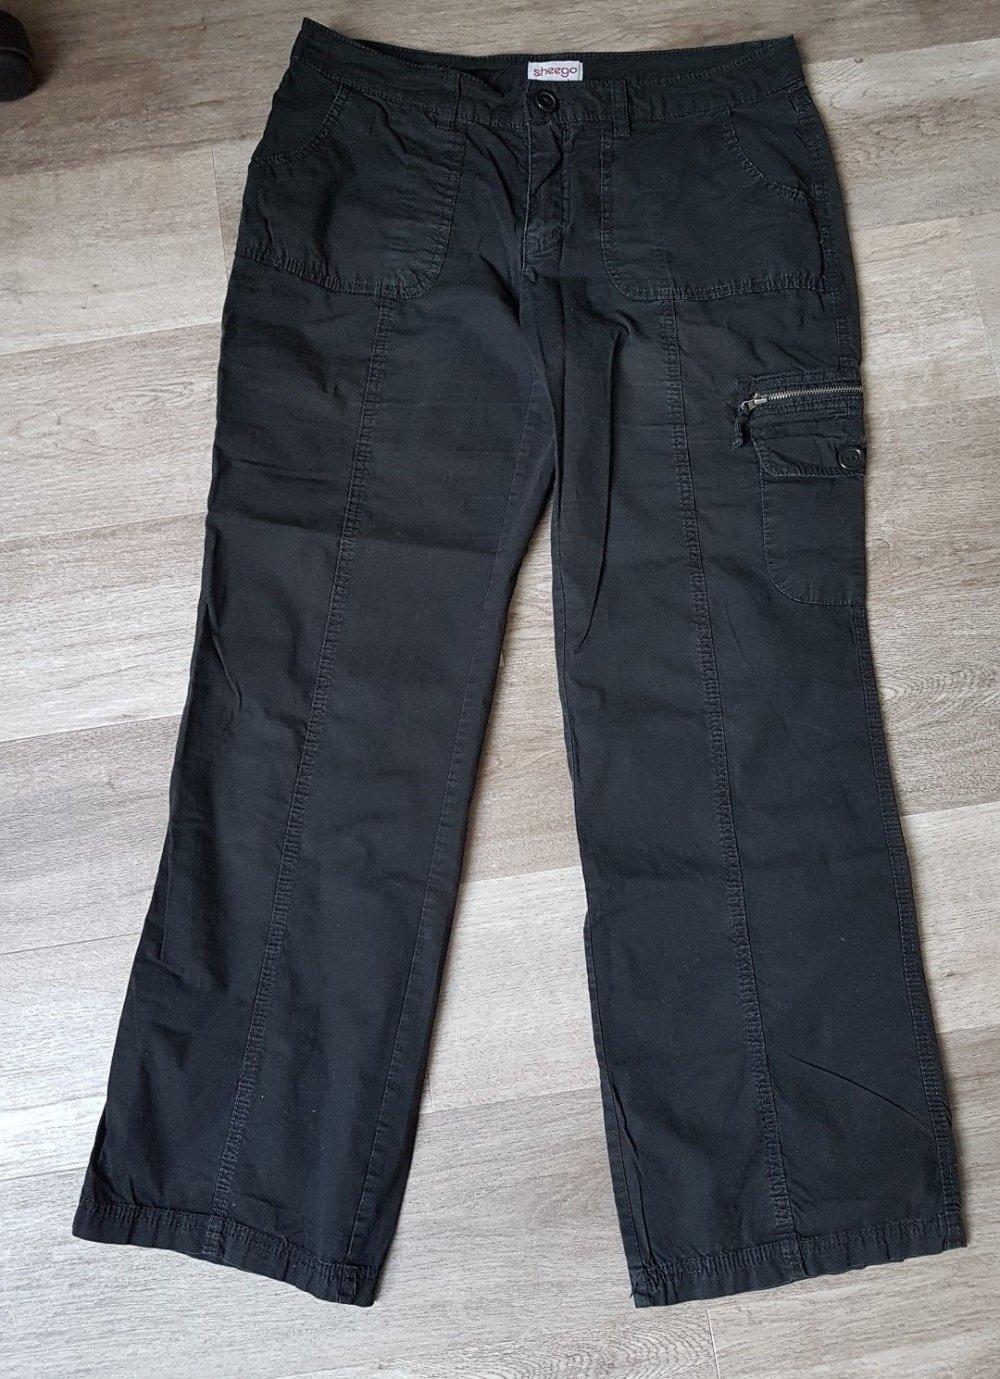 f6f4474d98d7 Lässige Damen Cargohose Gr. 38 (sheego) schwarz    Kleiderkorb.de